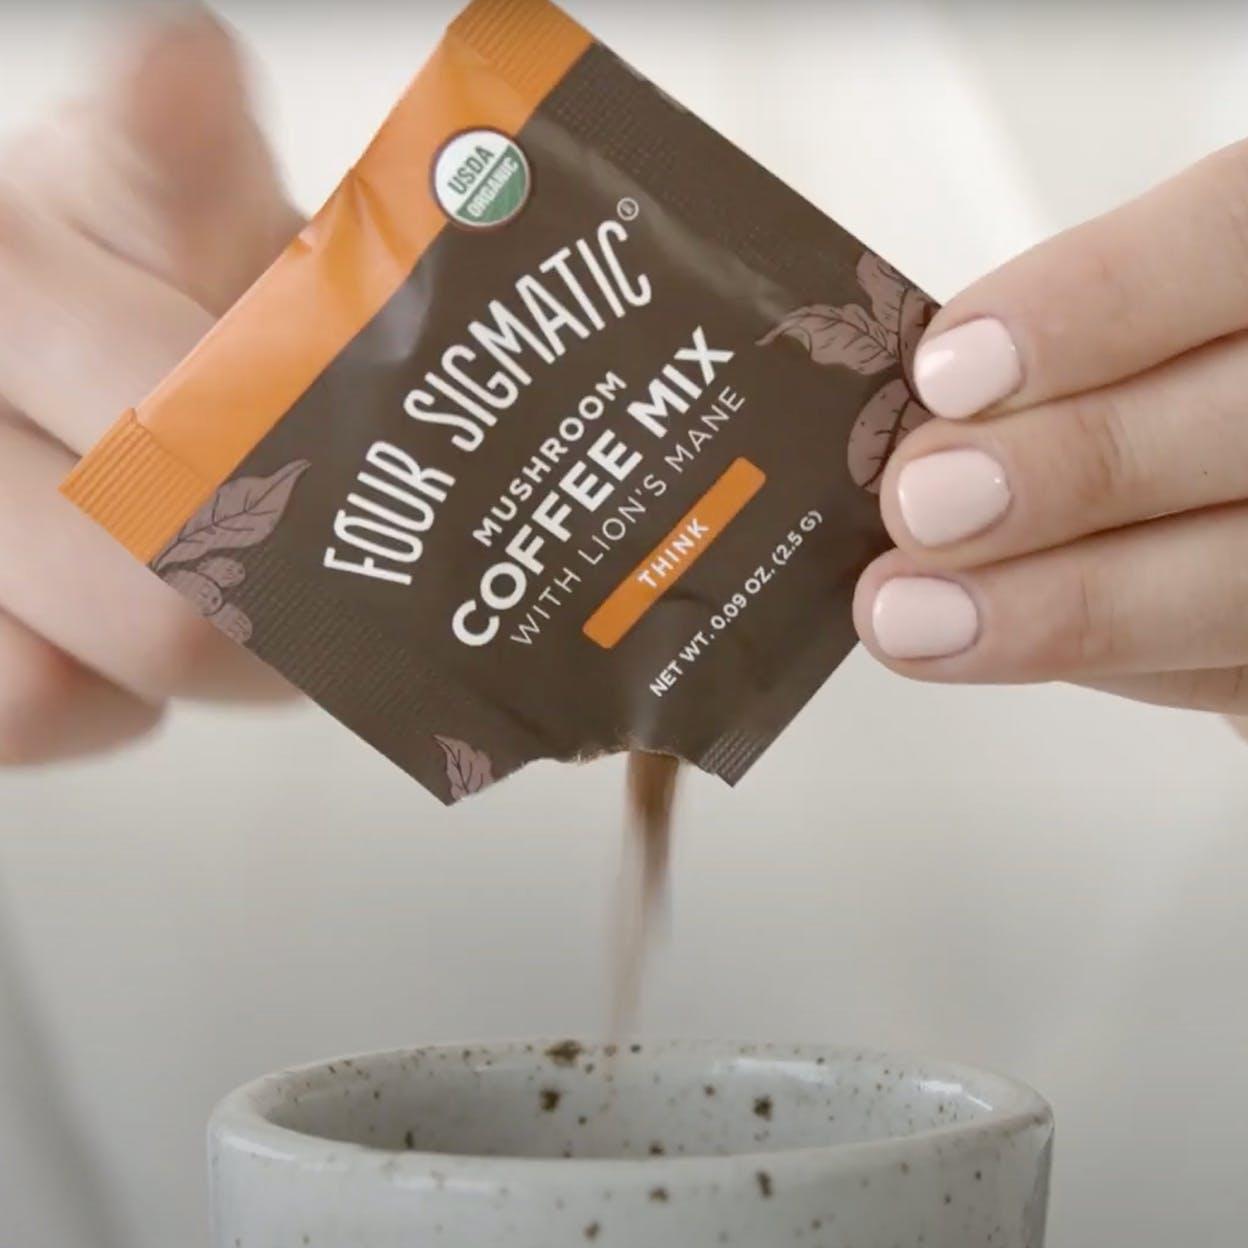 Mushroom Coffee Video